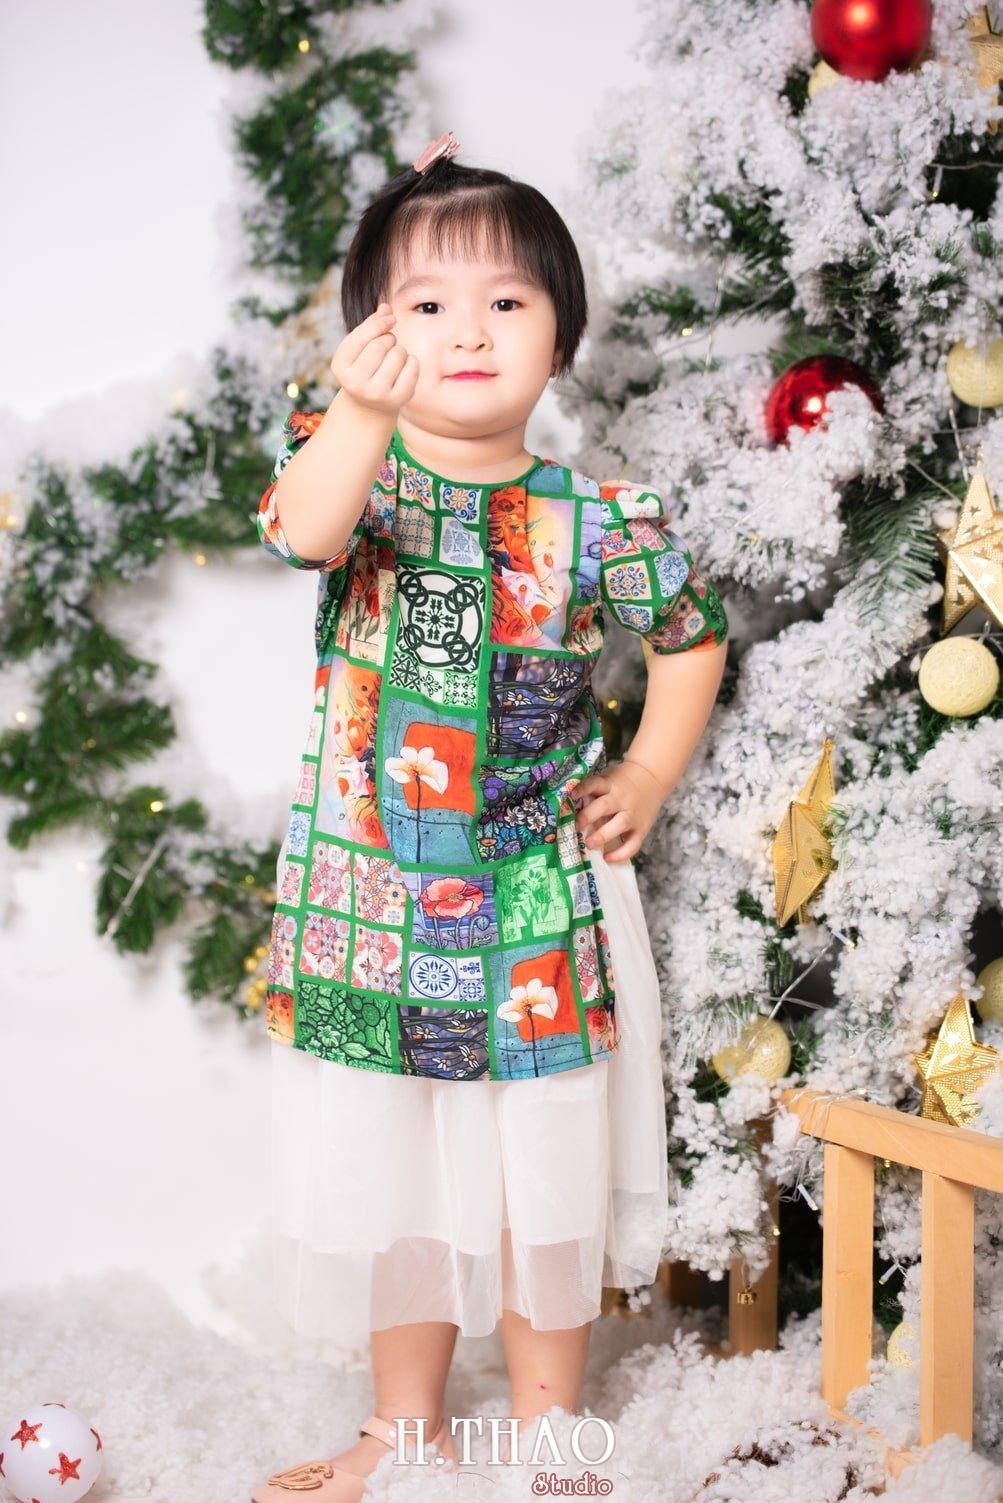 Anh be noel 25 - Album ảnh noel chụp cho con gái cưng chị Linh - HThao Studio